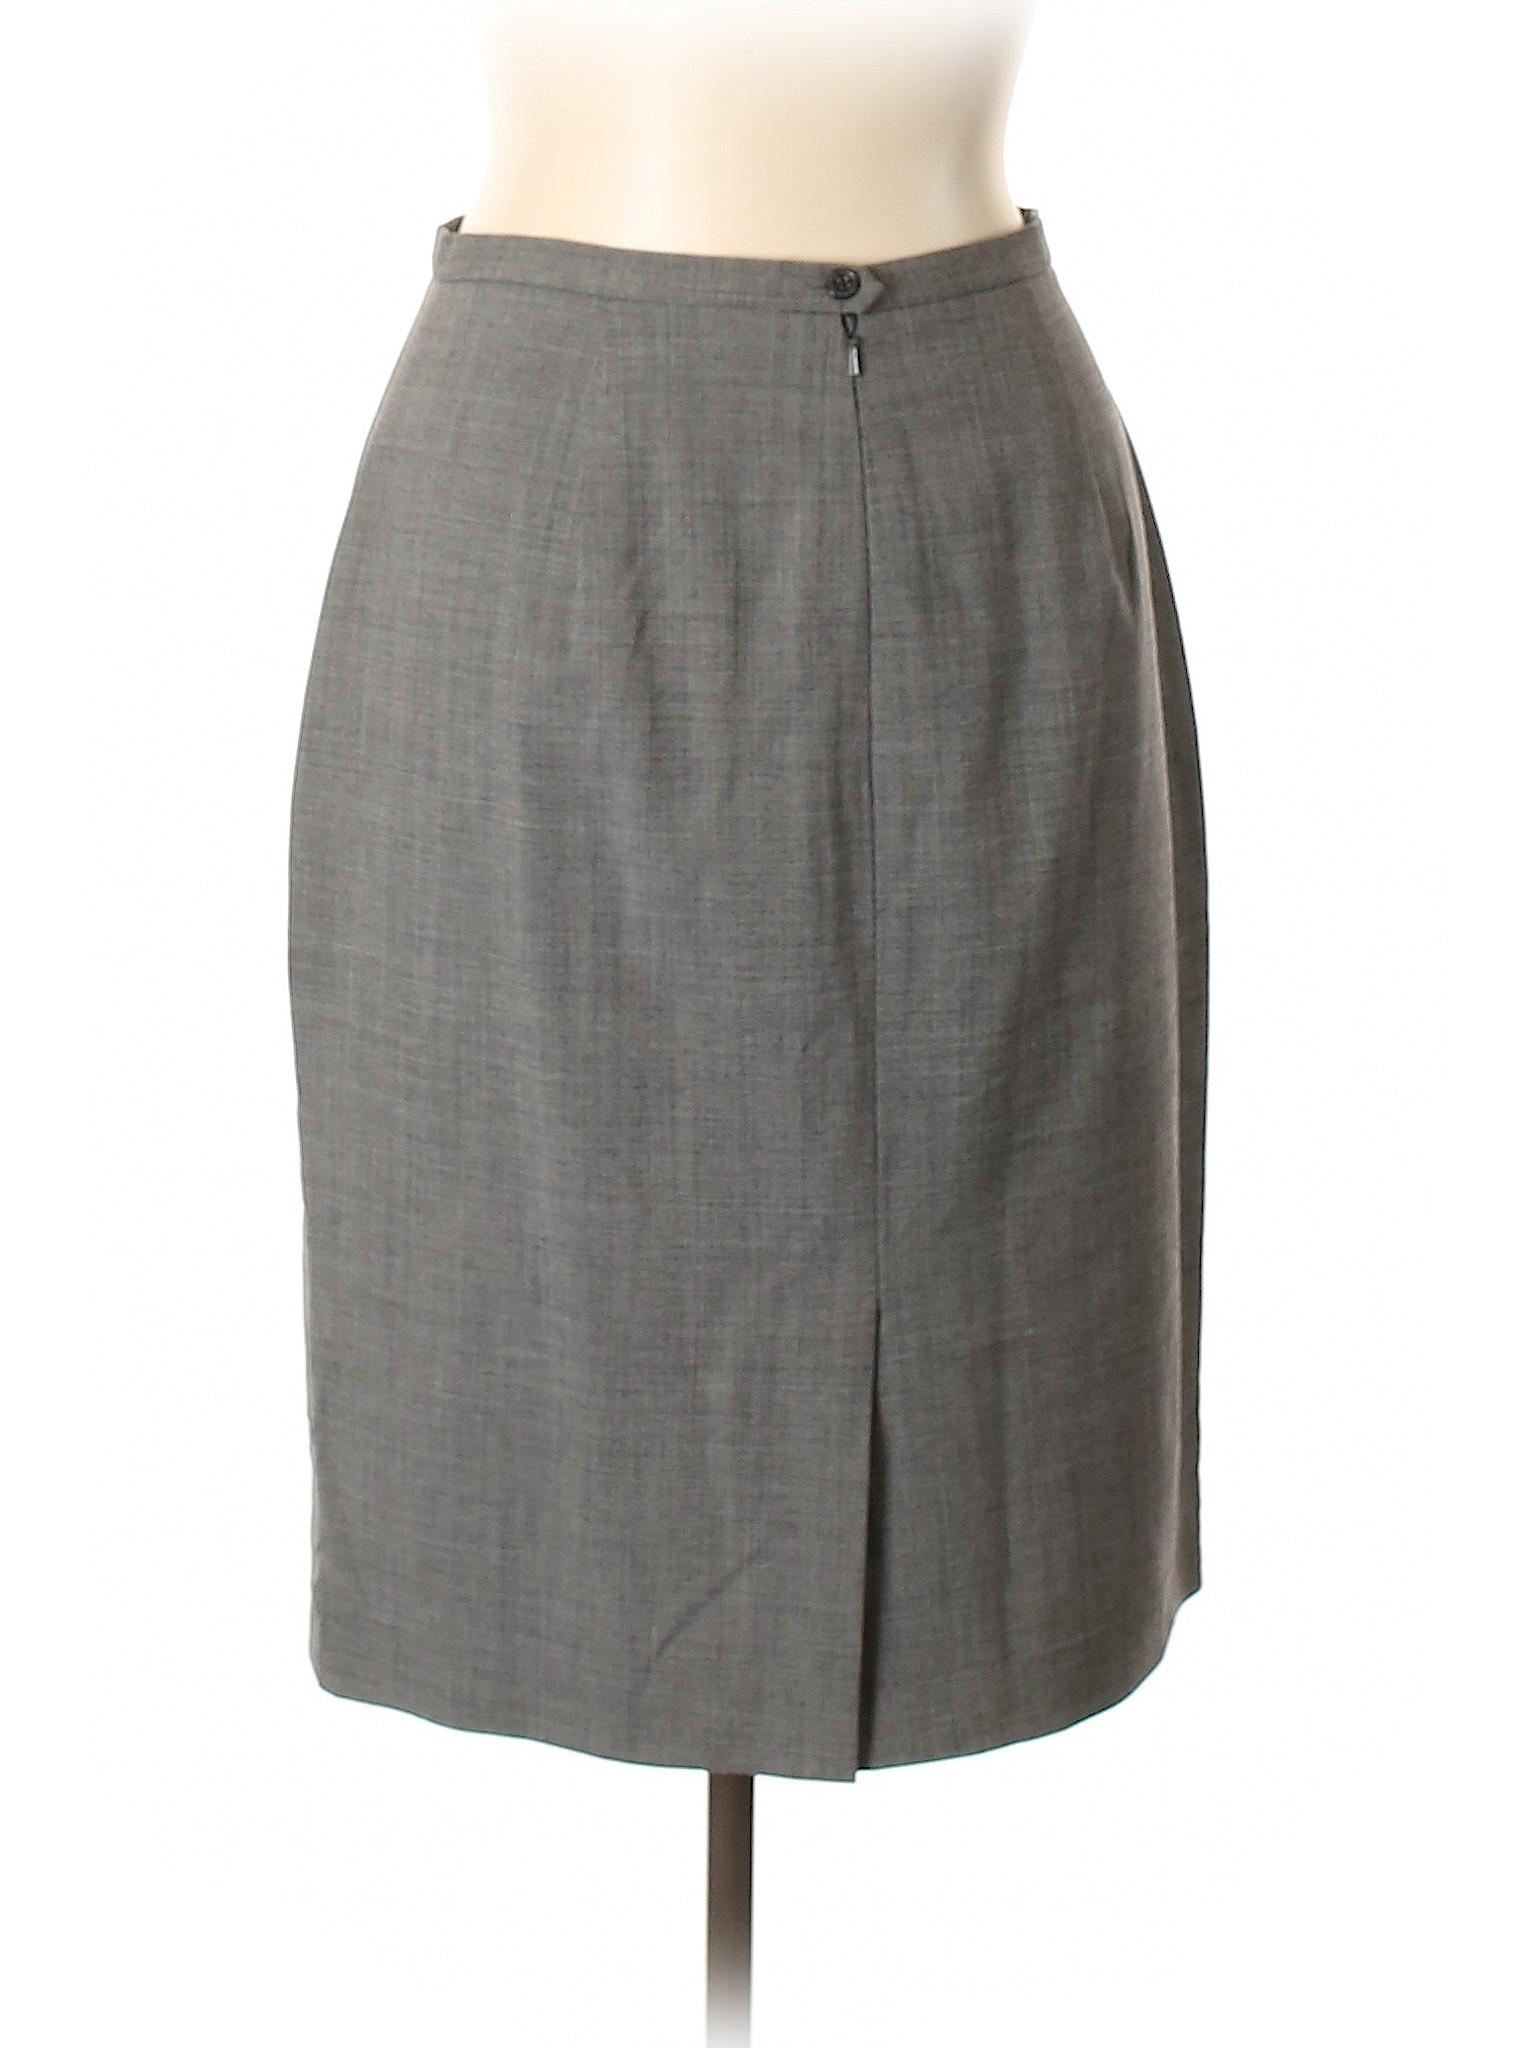 Wool Boutique Wool Skirt Boutique Wool Boutique Skirt Boutique Skirt Boutique Skirt Skirt Wool Wool w8v8q7